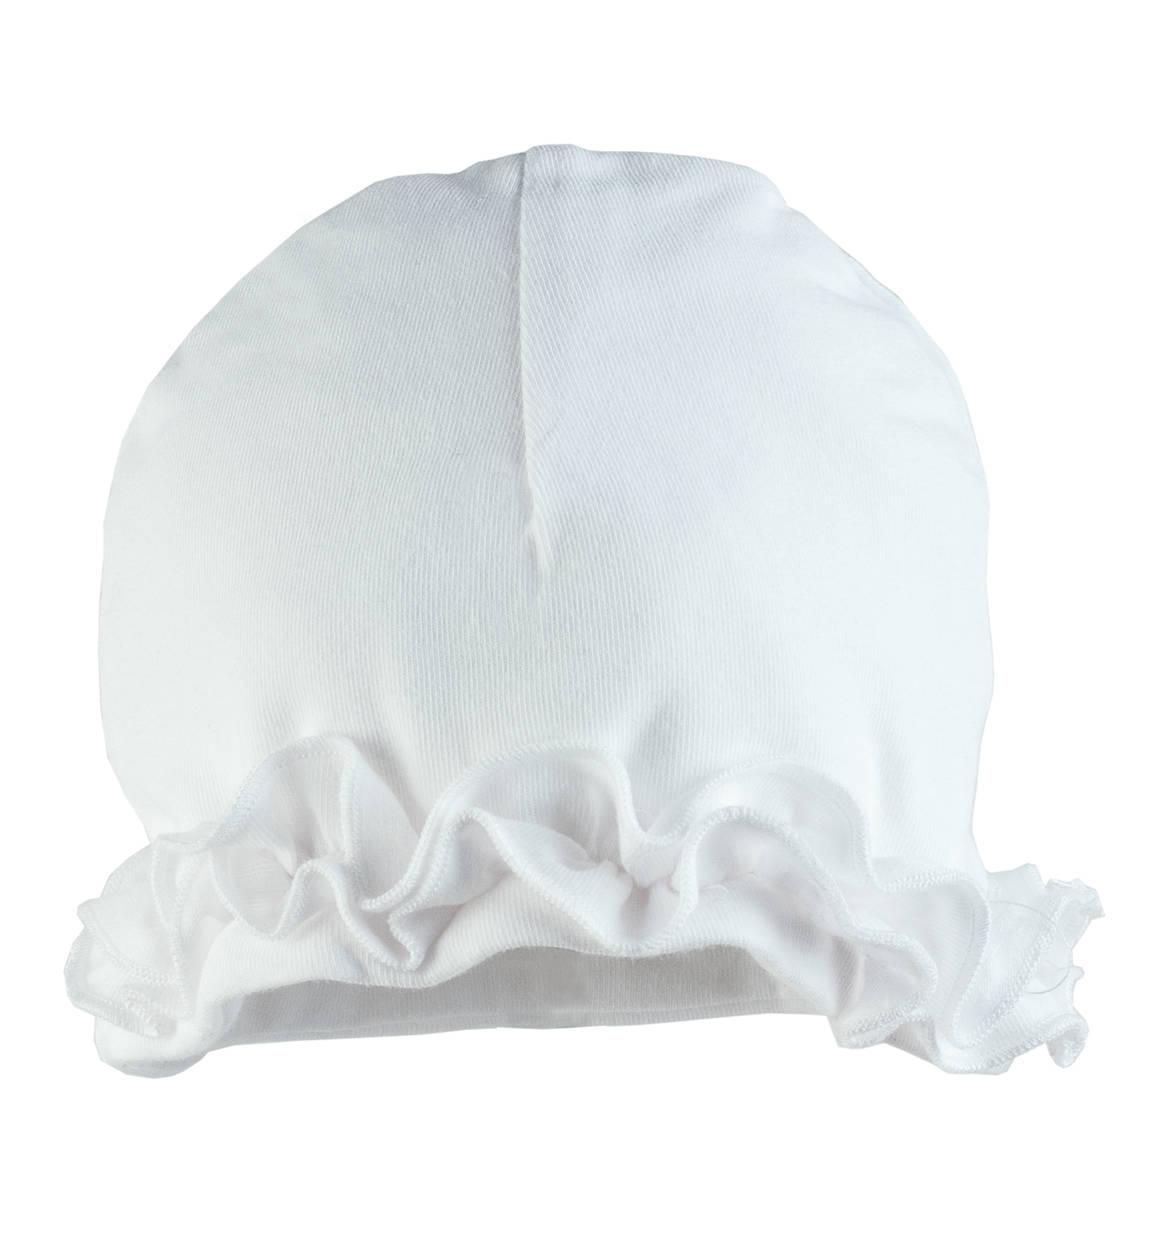 Cappellino modello cuffia per neonata da 0 a 24 mesi Minibanda BIANCO,0113